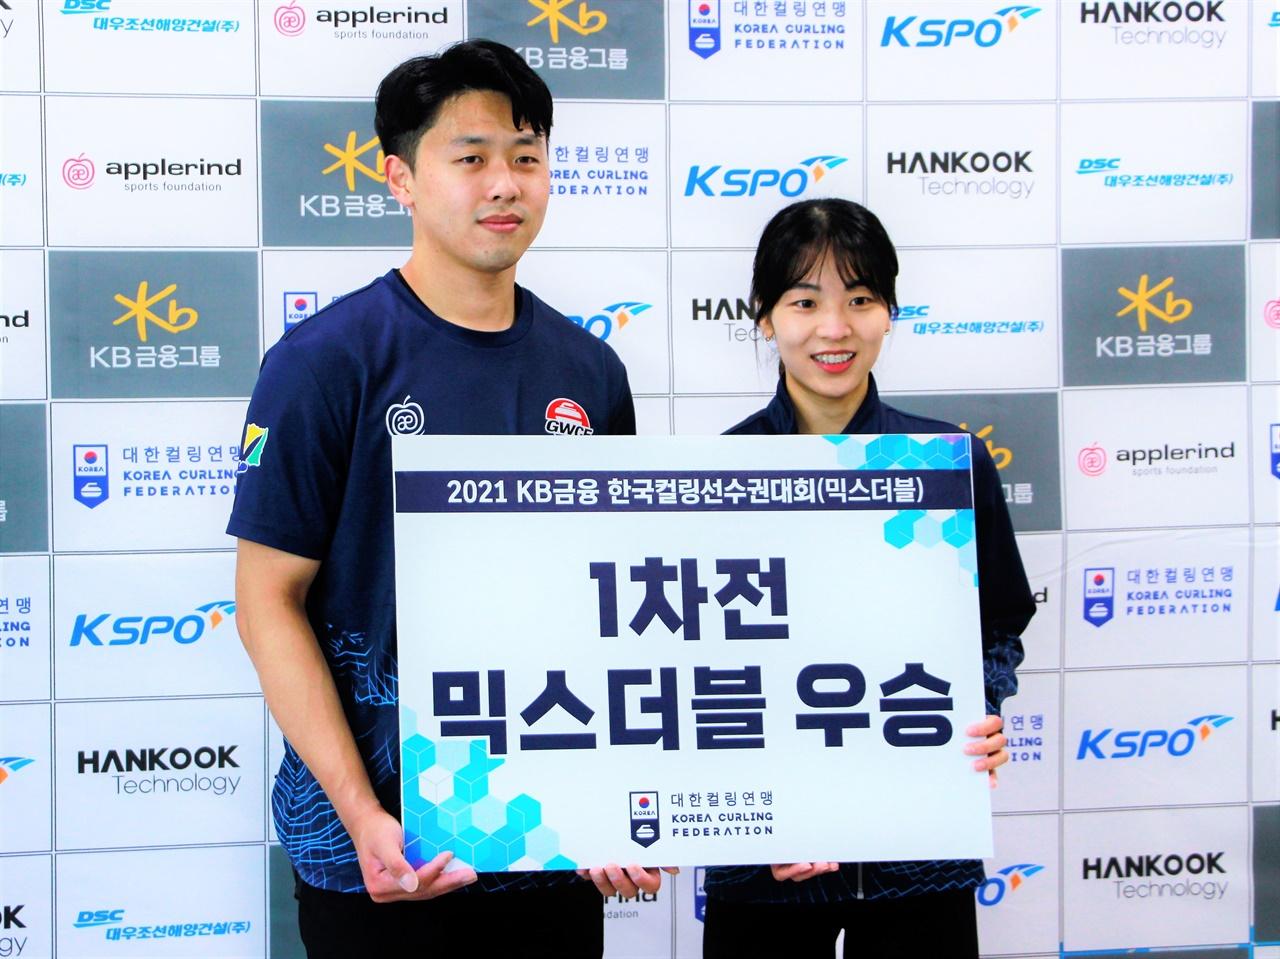 2021 컬링 믹스더블 국가대표 선발전에서 우승한 김민지 선수와 이기정 선수.